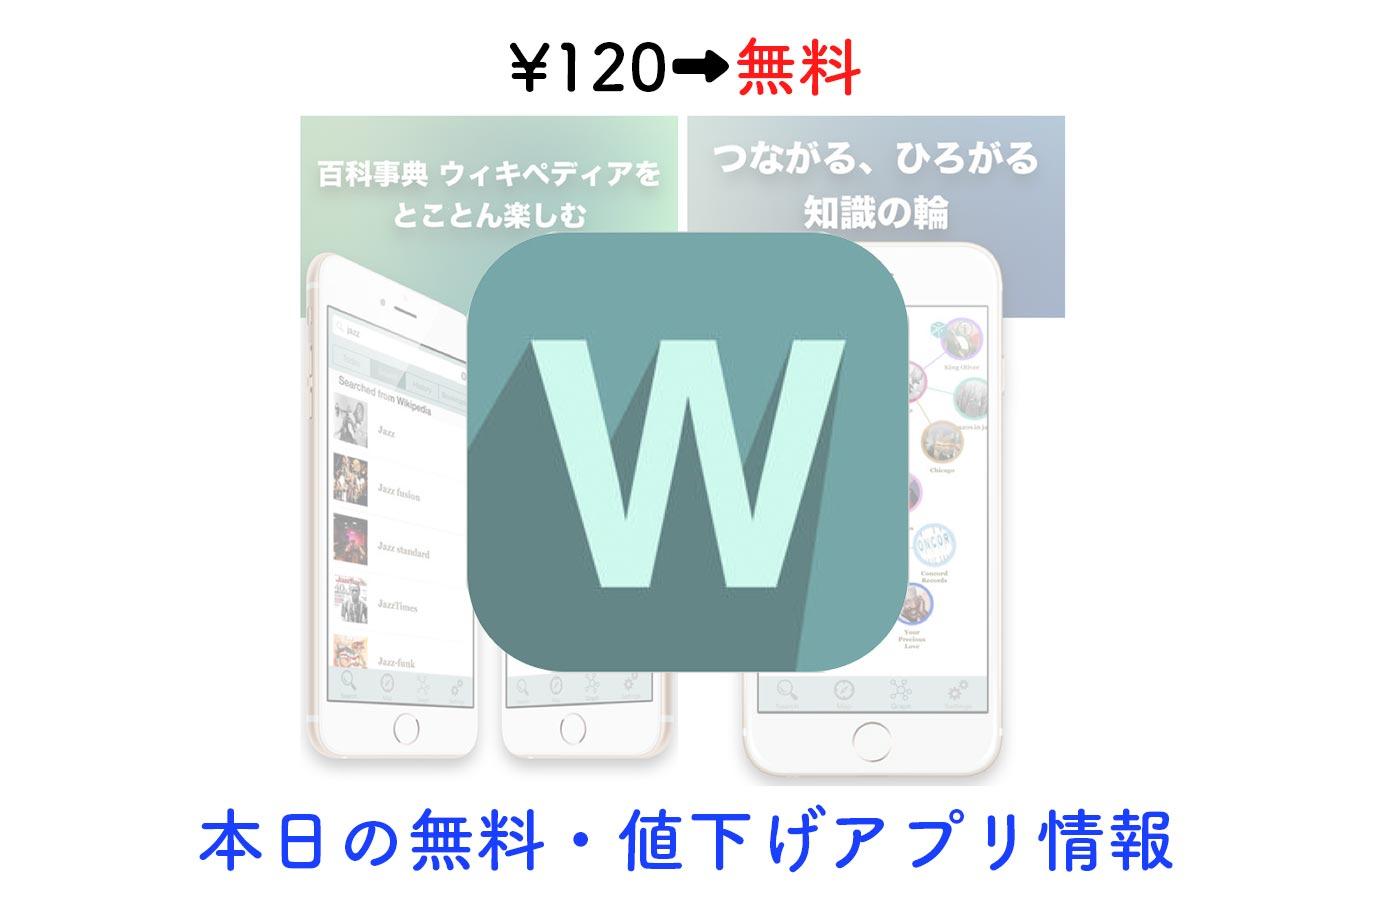 ¥120→無料、高機能ウィキペディアリーダー「ウィキグラフ」など【11/11】本日の無料・値下げアプリ情報